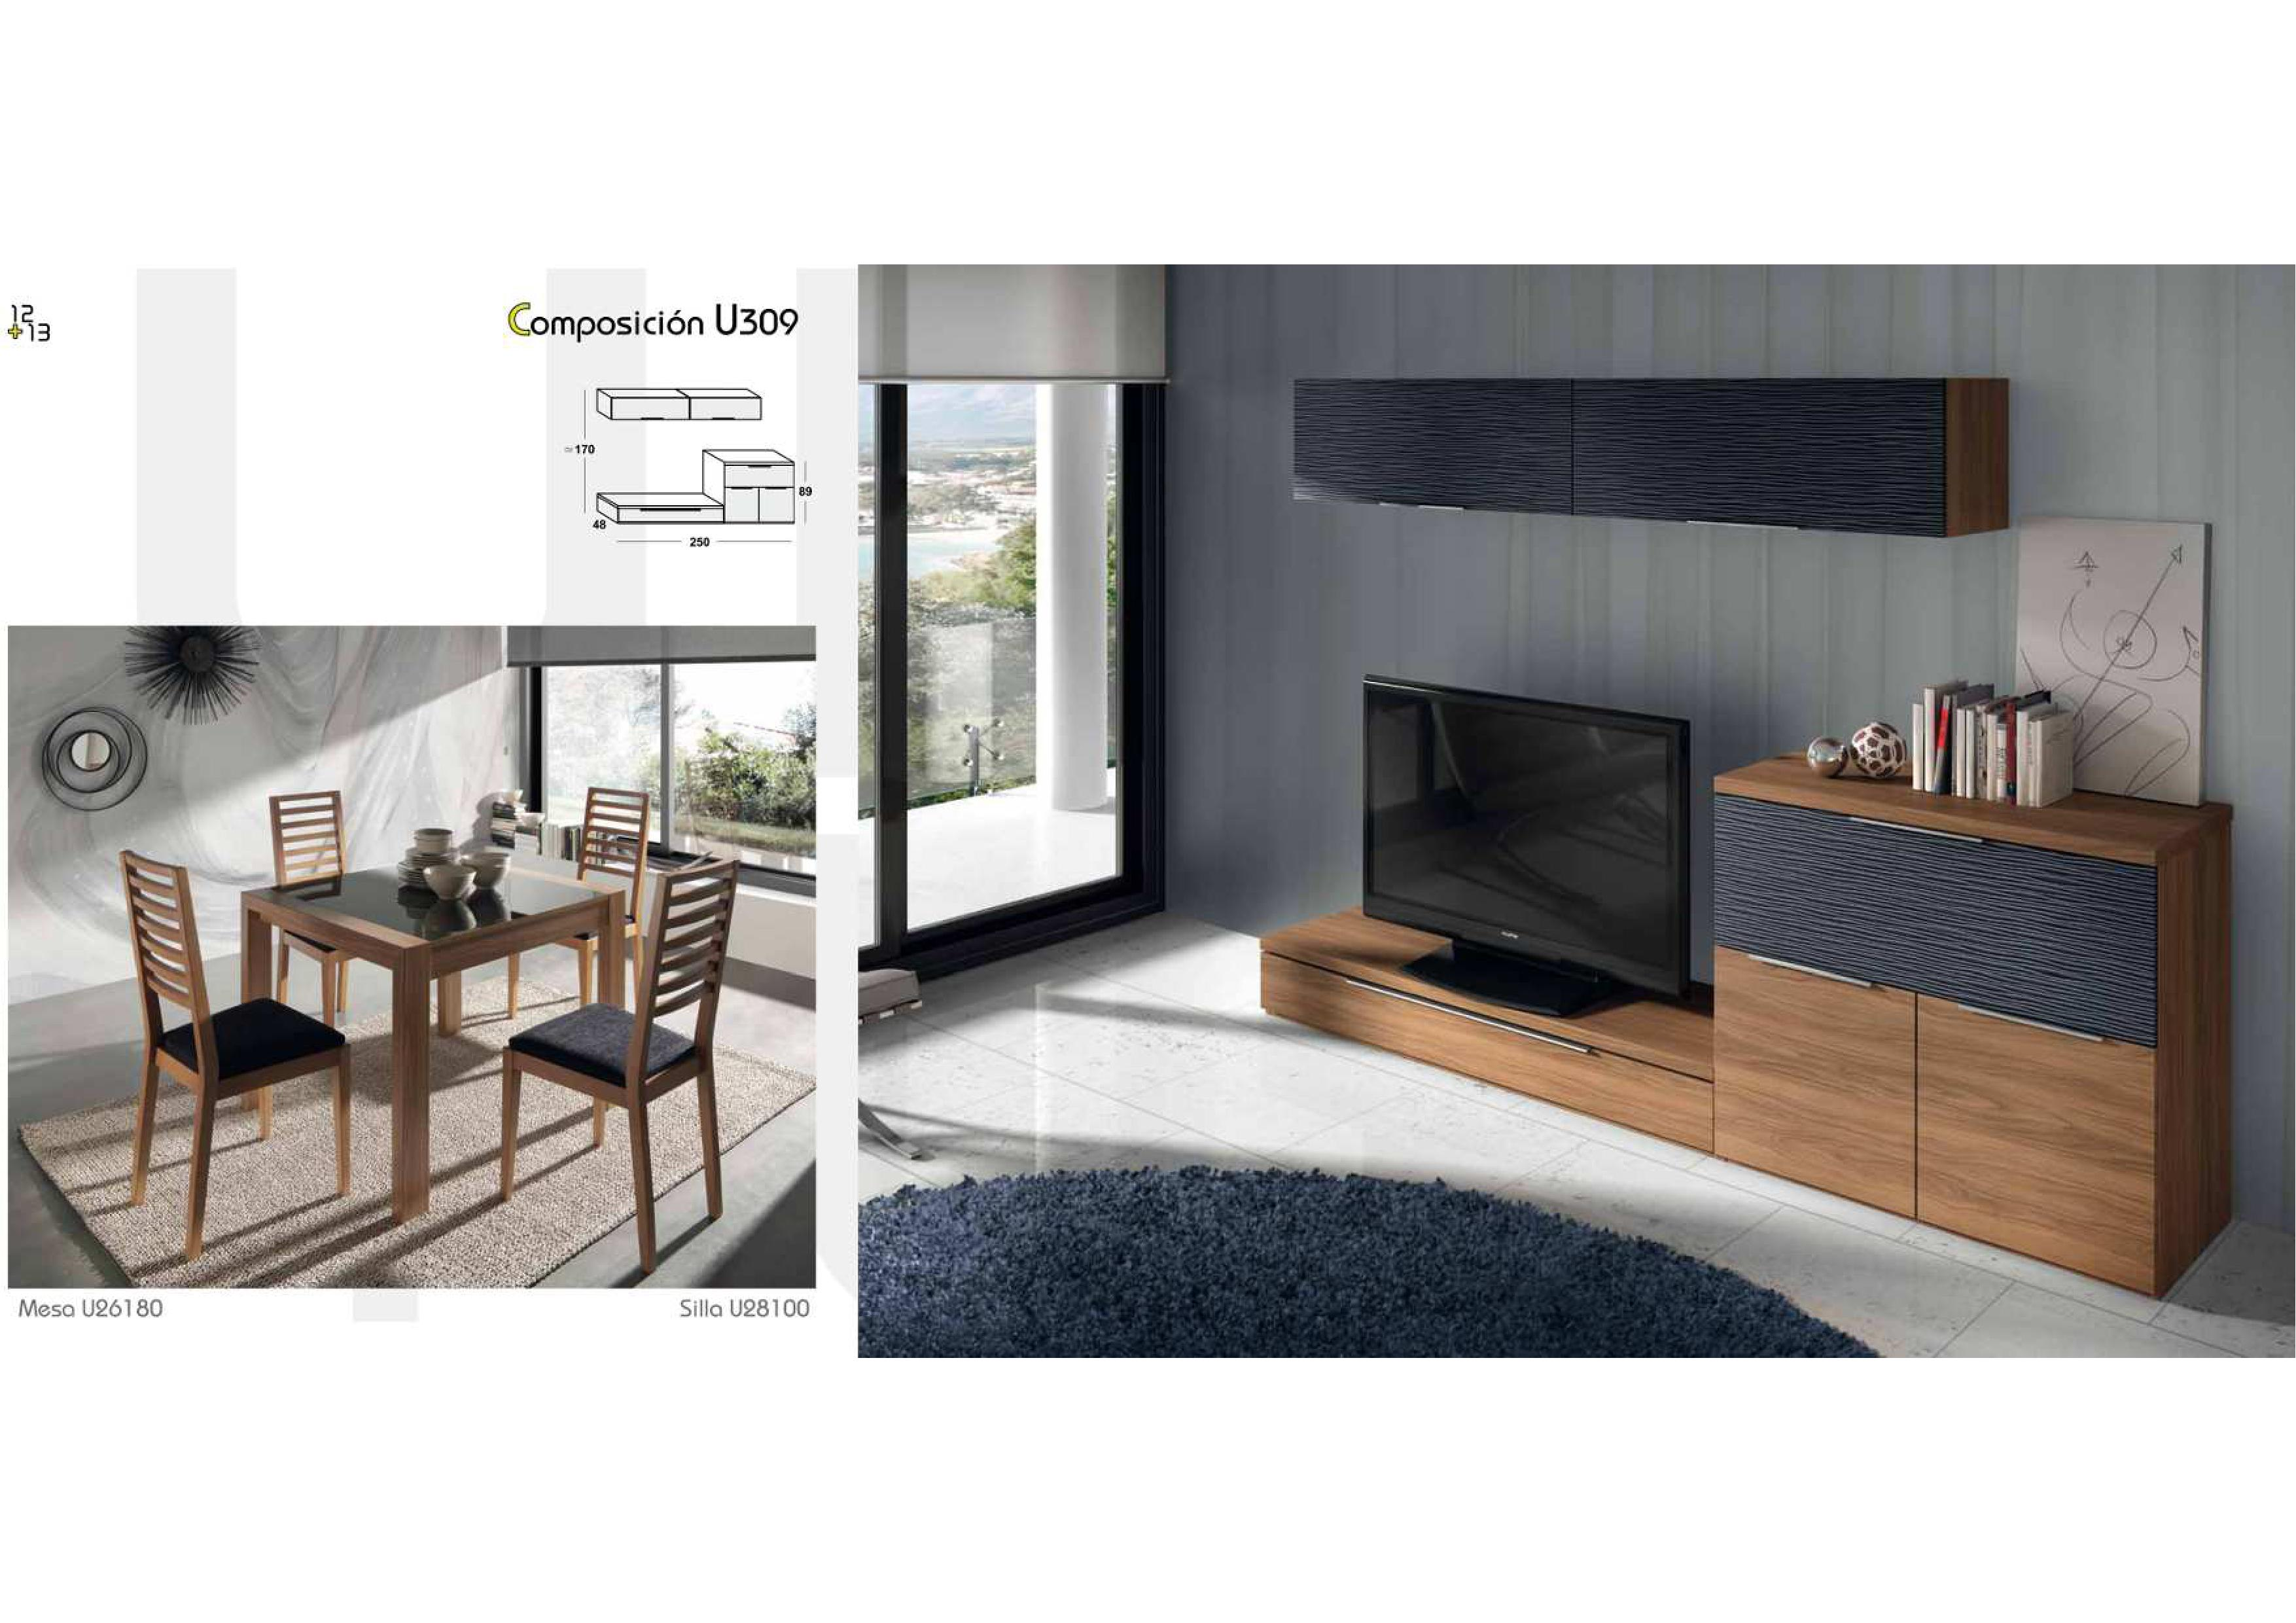 Salones y comedores modernos salcedo muebles for Comedores modernos nuevos